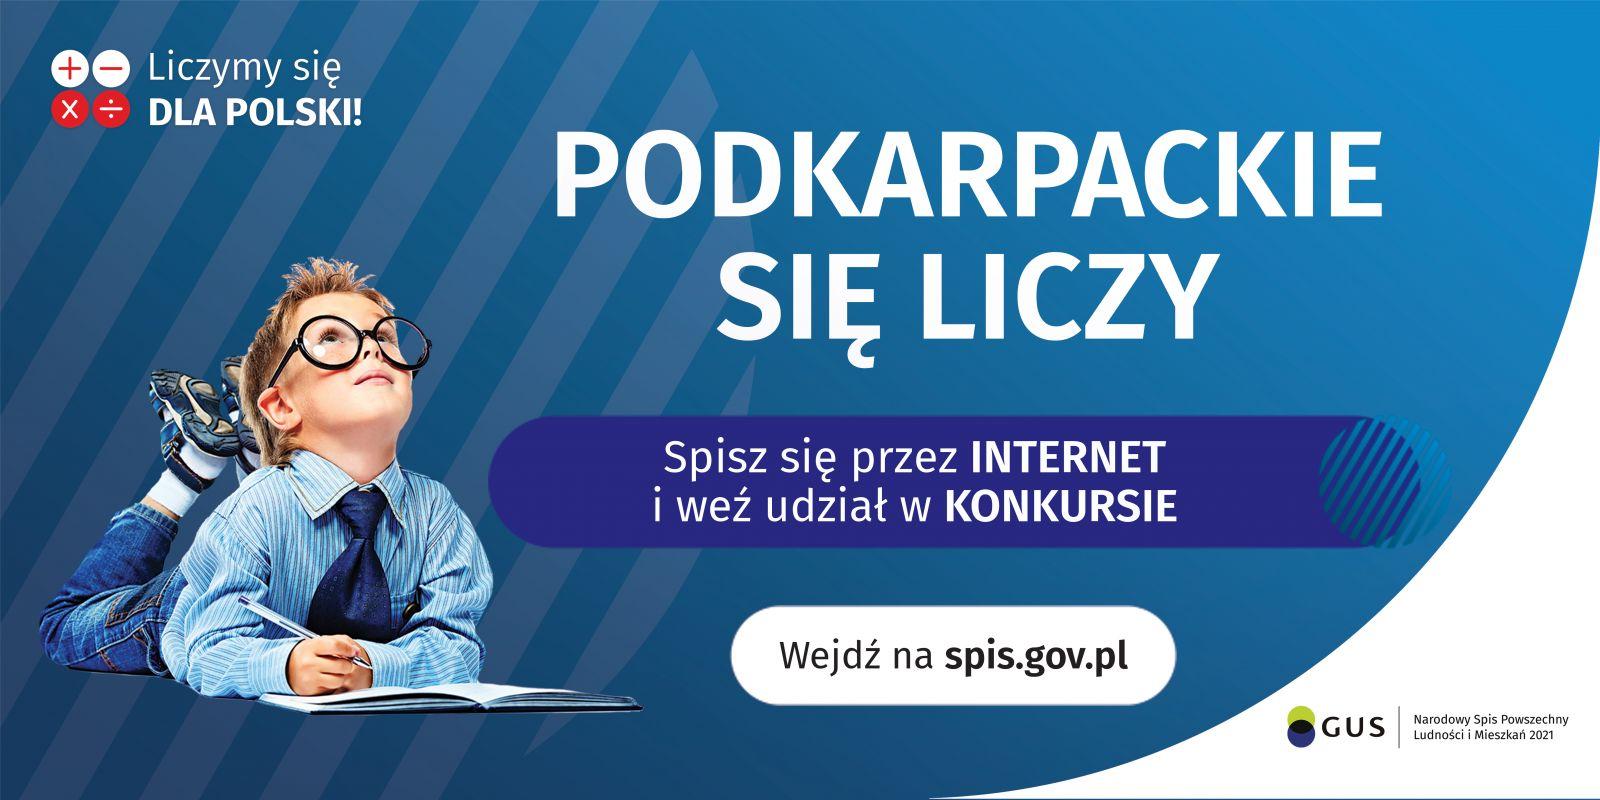 Podkarpacie się liczy. Spisz się przez internet i weź udział w konkursie. Wejdź na www.spis.gov.pl